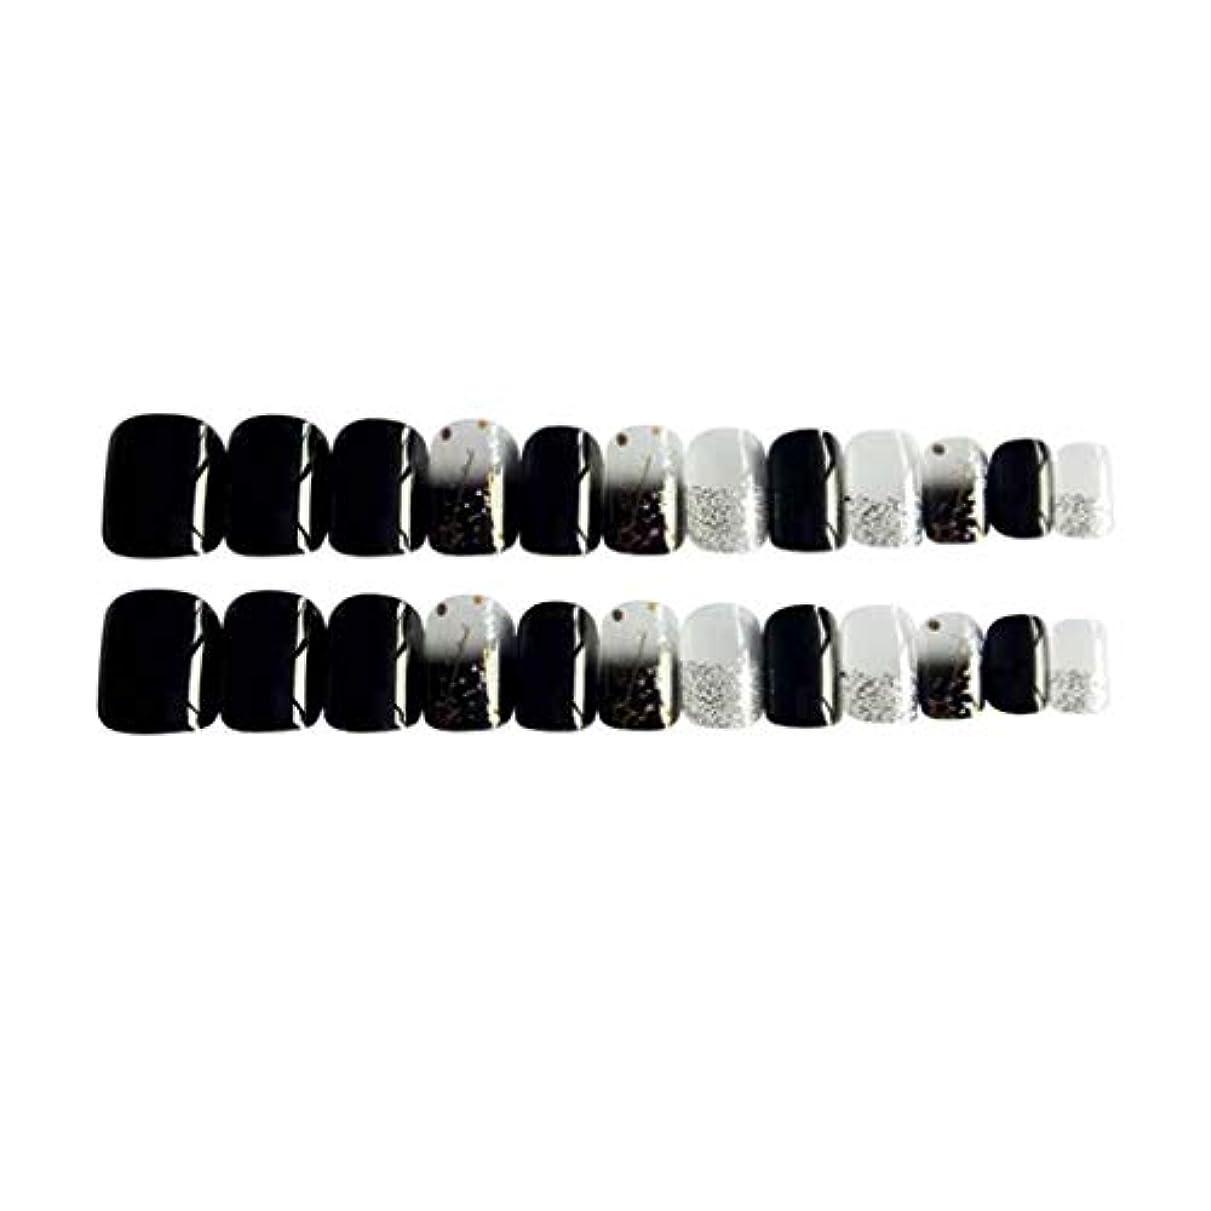 トチの実の木ノミネート非常にPerfeclan 約24個 つけ爪 ネイルチップ 長い爪 フルカバー 付け爪 手作りネイルチップ ブラック